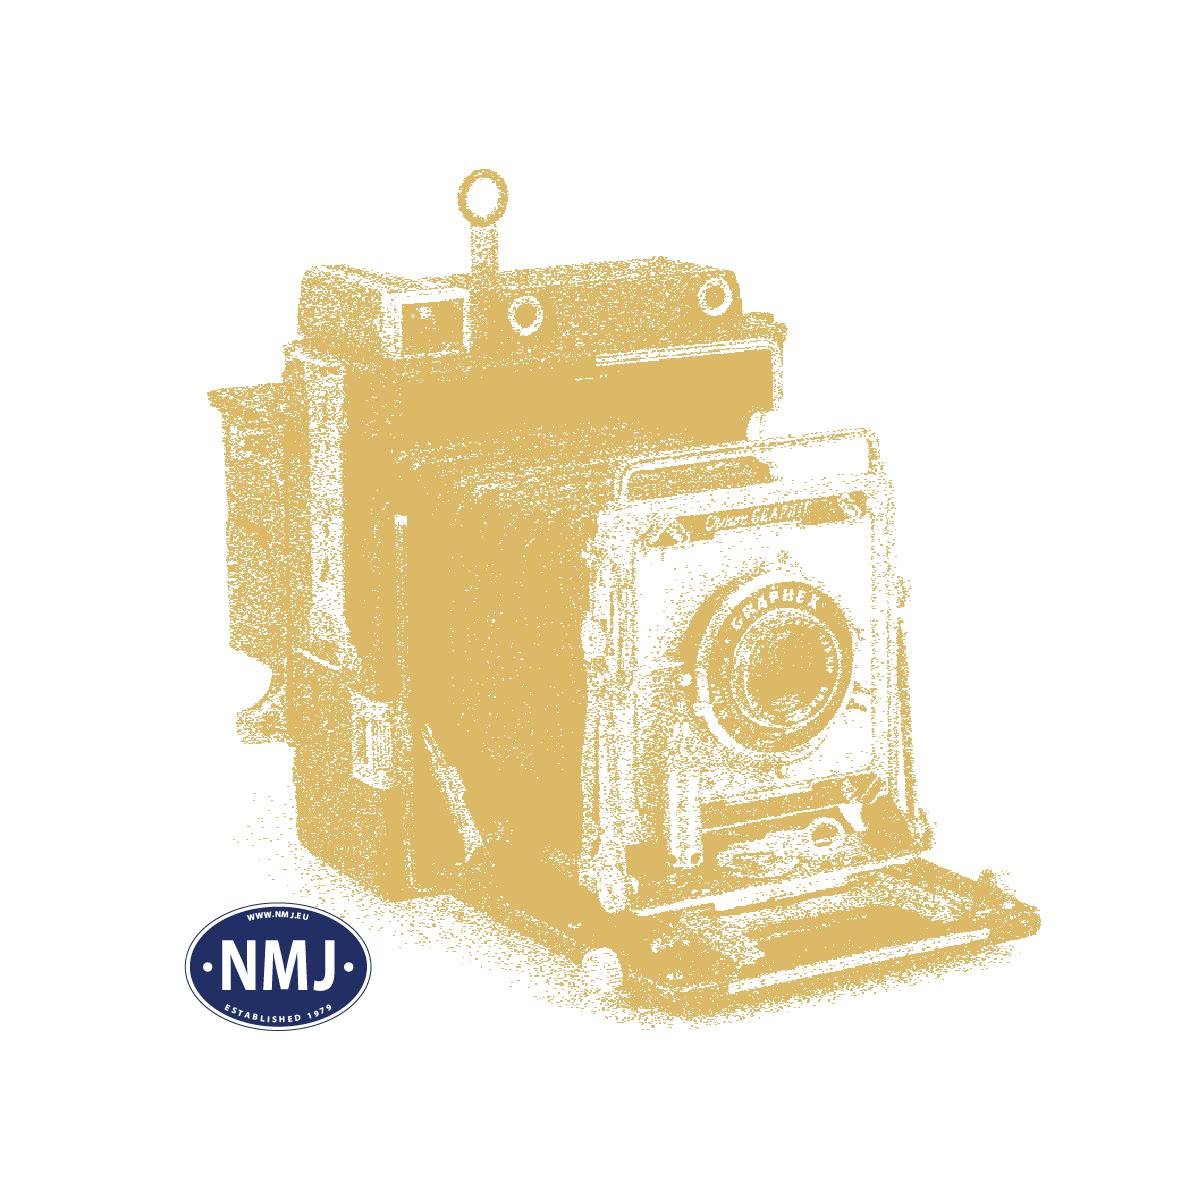 NMJT90303 - NMJ Topline CFL 1604, DCC w/ Sound